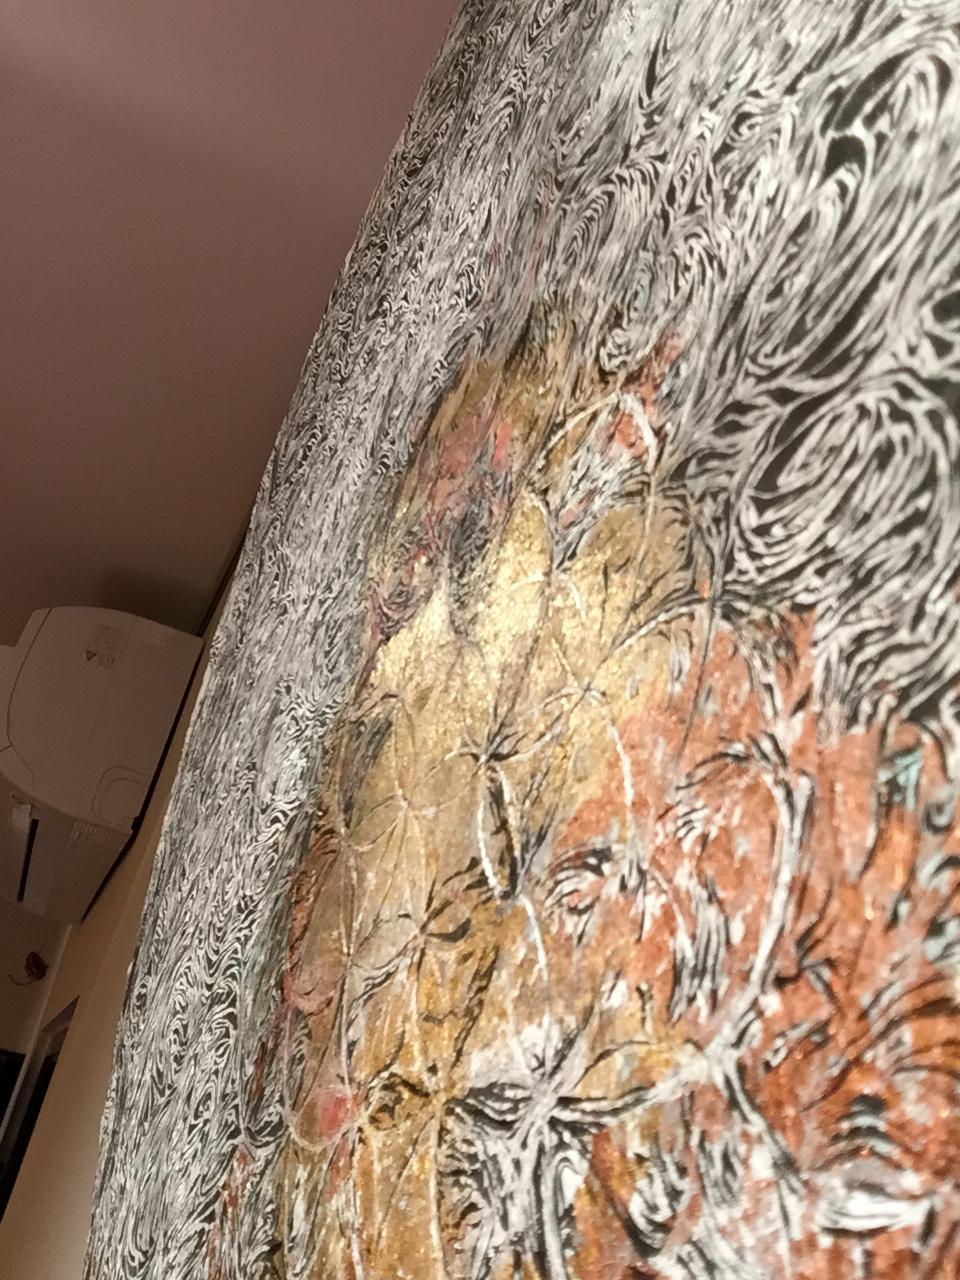 nathalie bergiers artworks 2014 @ hugo neumann brussels 3